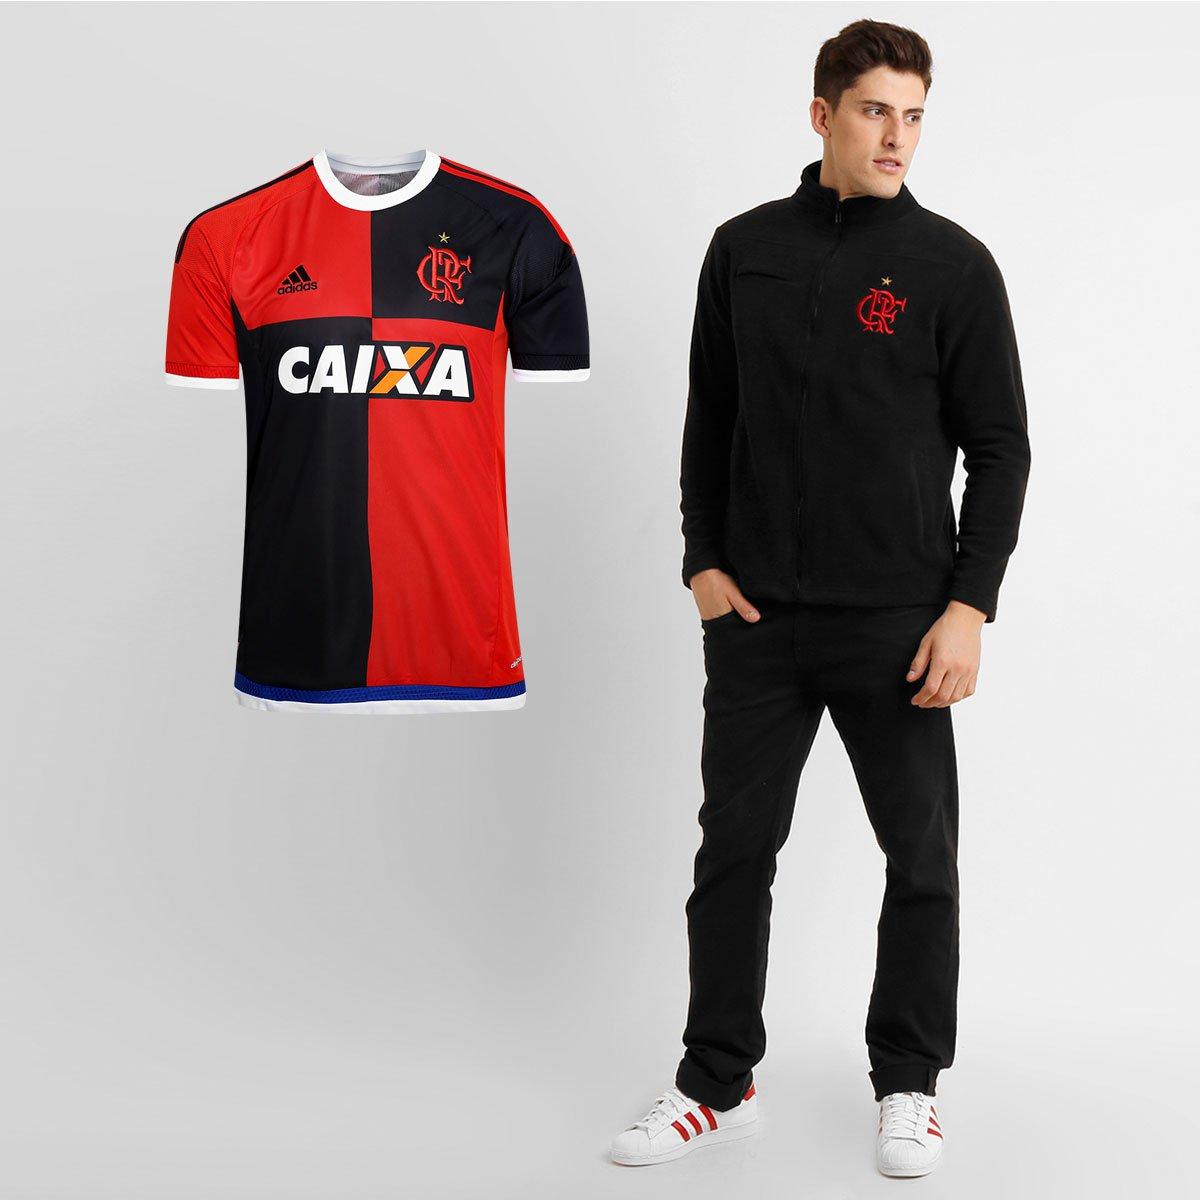 f77b08e7cd Kit Flamengo - Camisa Adidas Flamengo 450 Anos + Jaqueta Alasca - Compre  Agora